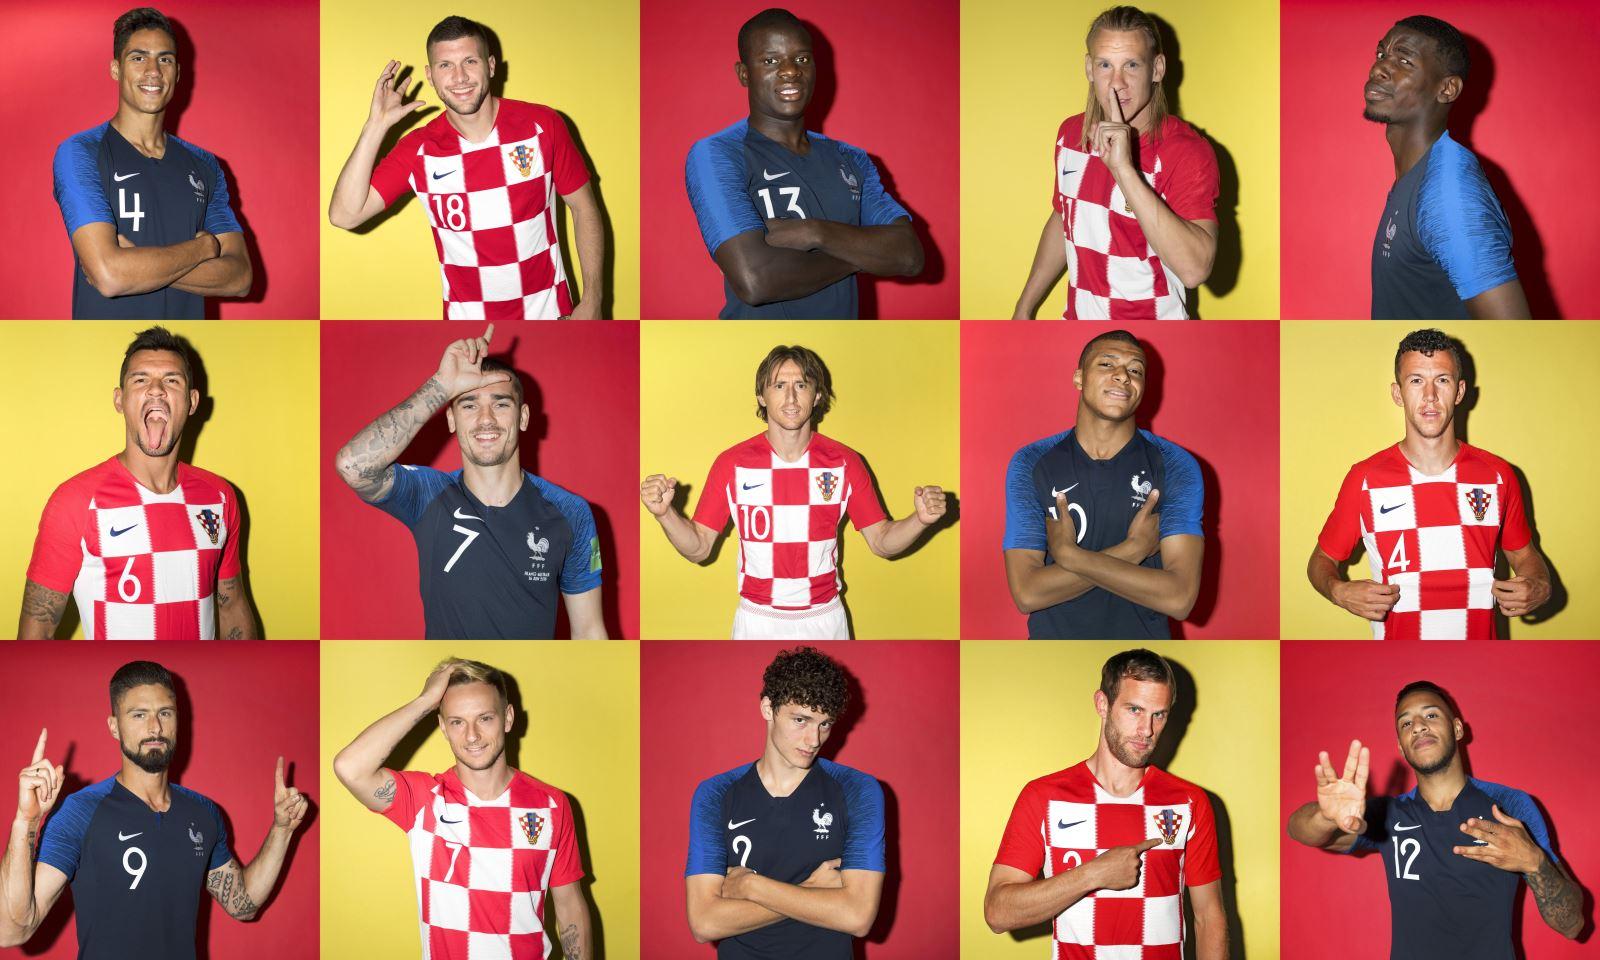 Xem trực tiếp Pháp vs Croatia ở đâu? Trực tiếp Pháp vs Croatia. Trực tiếp Croatia vs Pháp. Trực tiếp bóng đá. Trực tiếp VTV6. VTV6 trực tiếp